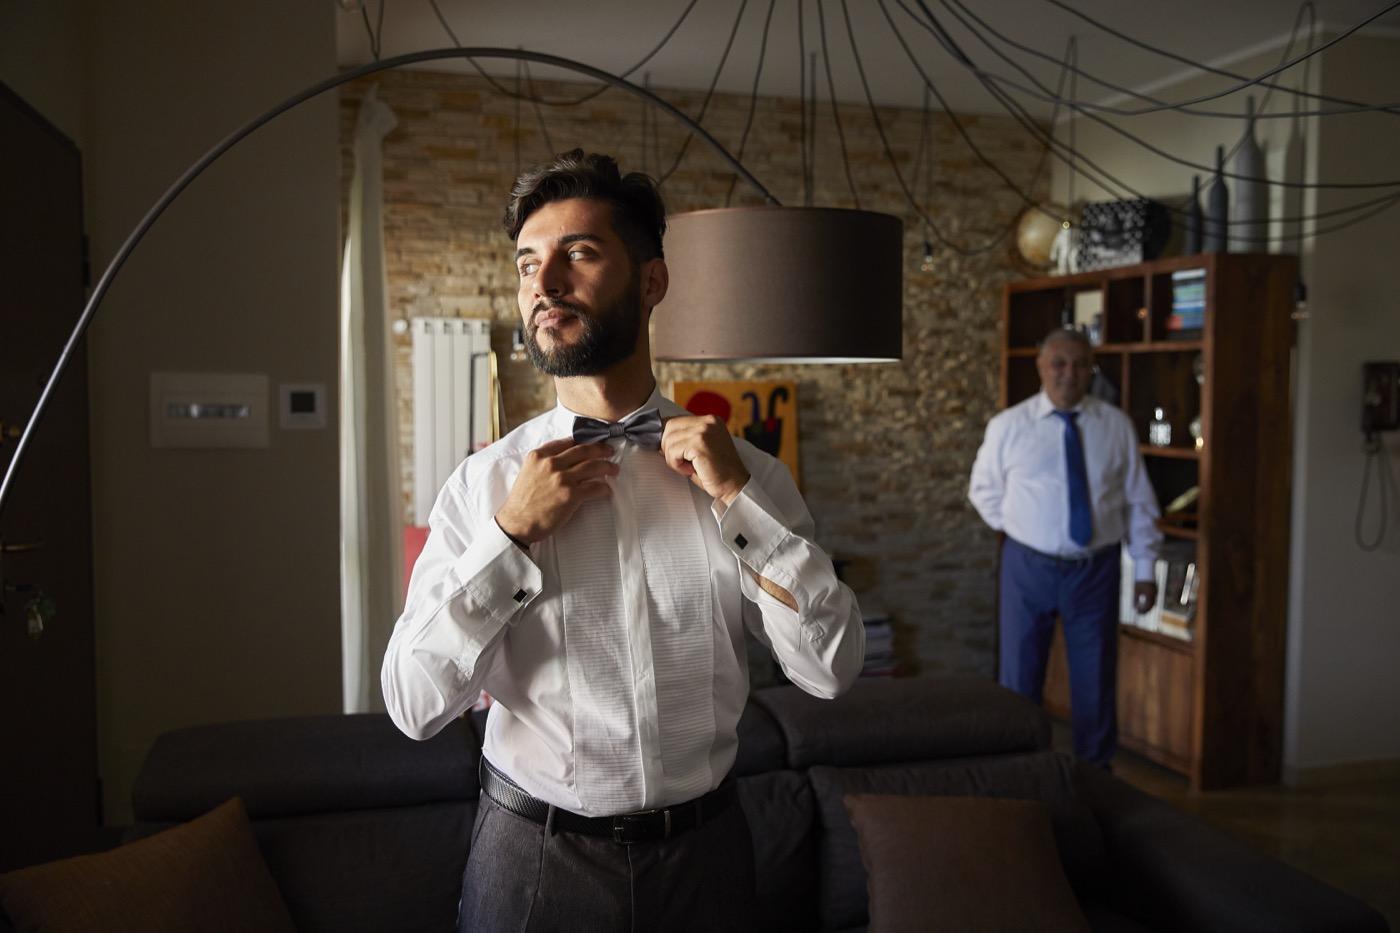 Claudio-Coppola-wedding-photographer-villa-del-cardinale-rocca-di-papa-castel-gandolfo-10